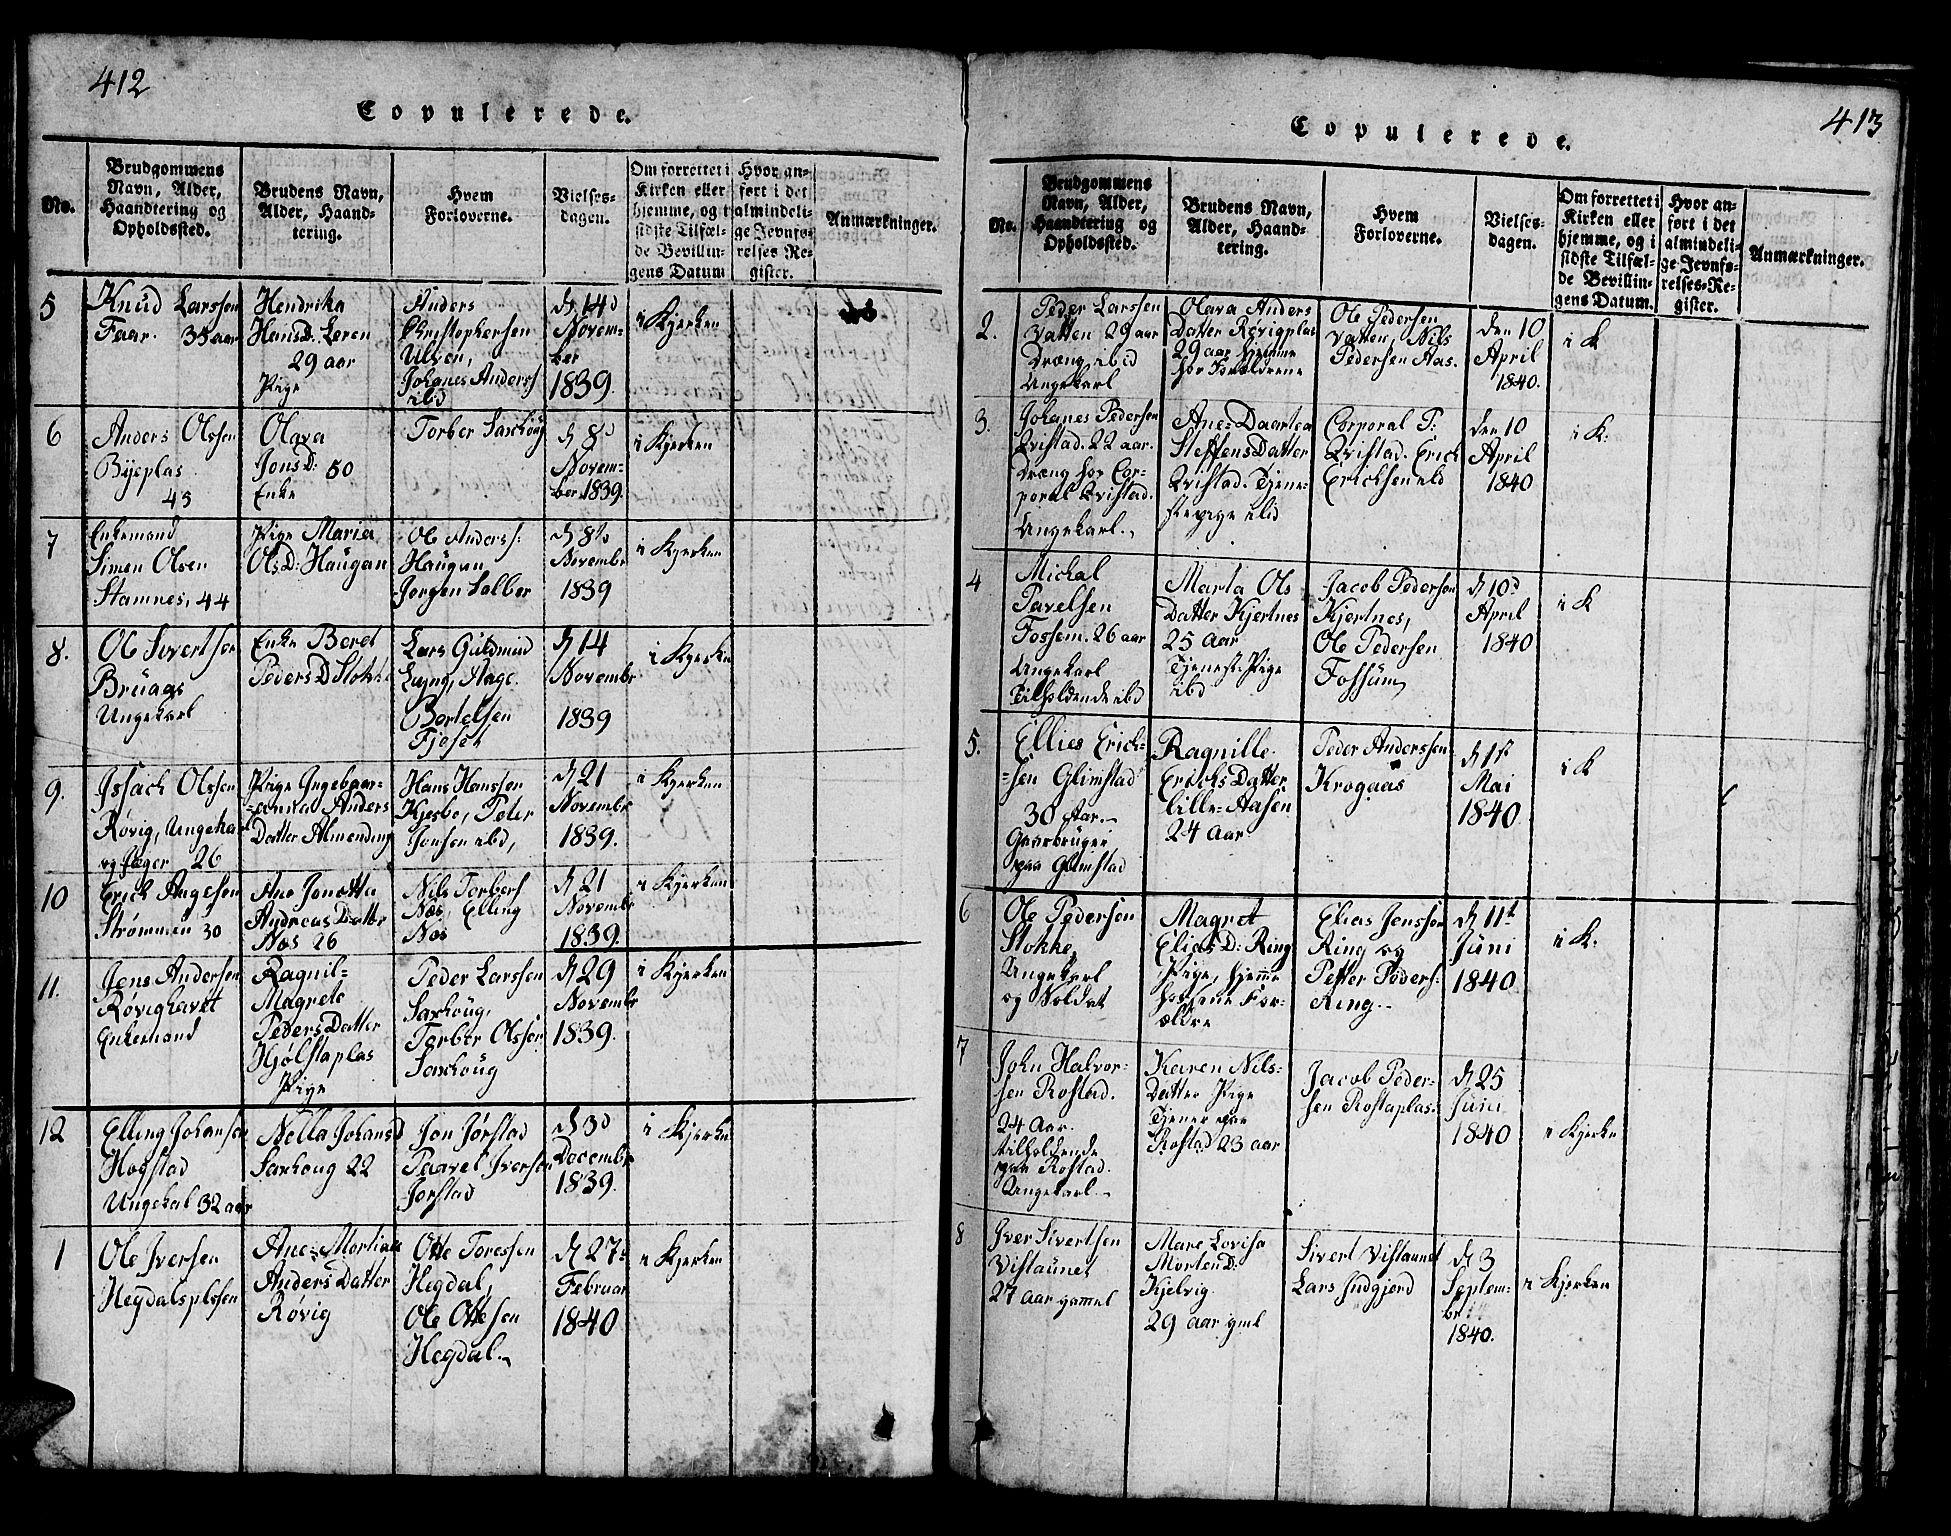 SAT, Ministerialprotokoller, klokkerbøker og fødselsregistre - Nord-Trøndelag, 730/L0298: Klokkerbok nr. 730C01, 1816-1849, s. 412-413